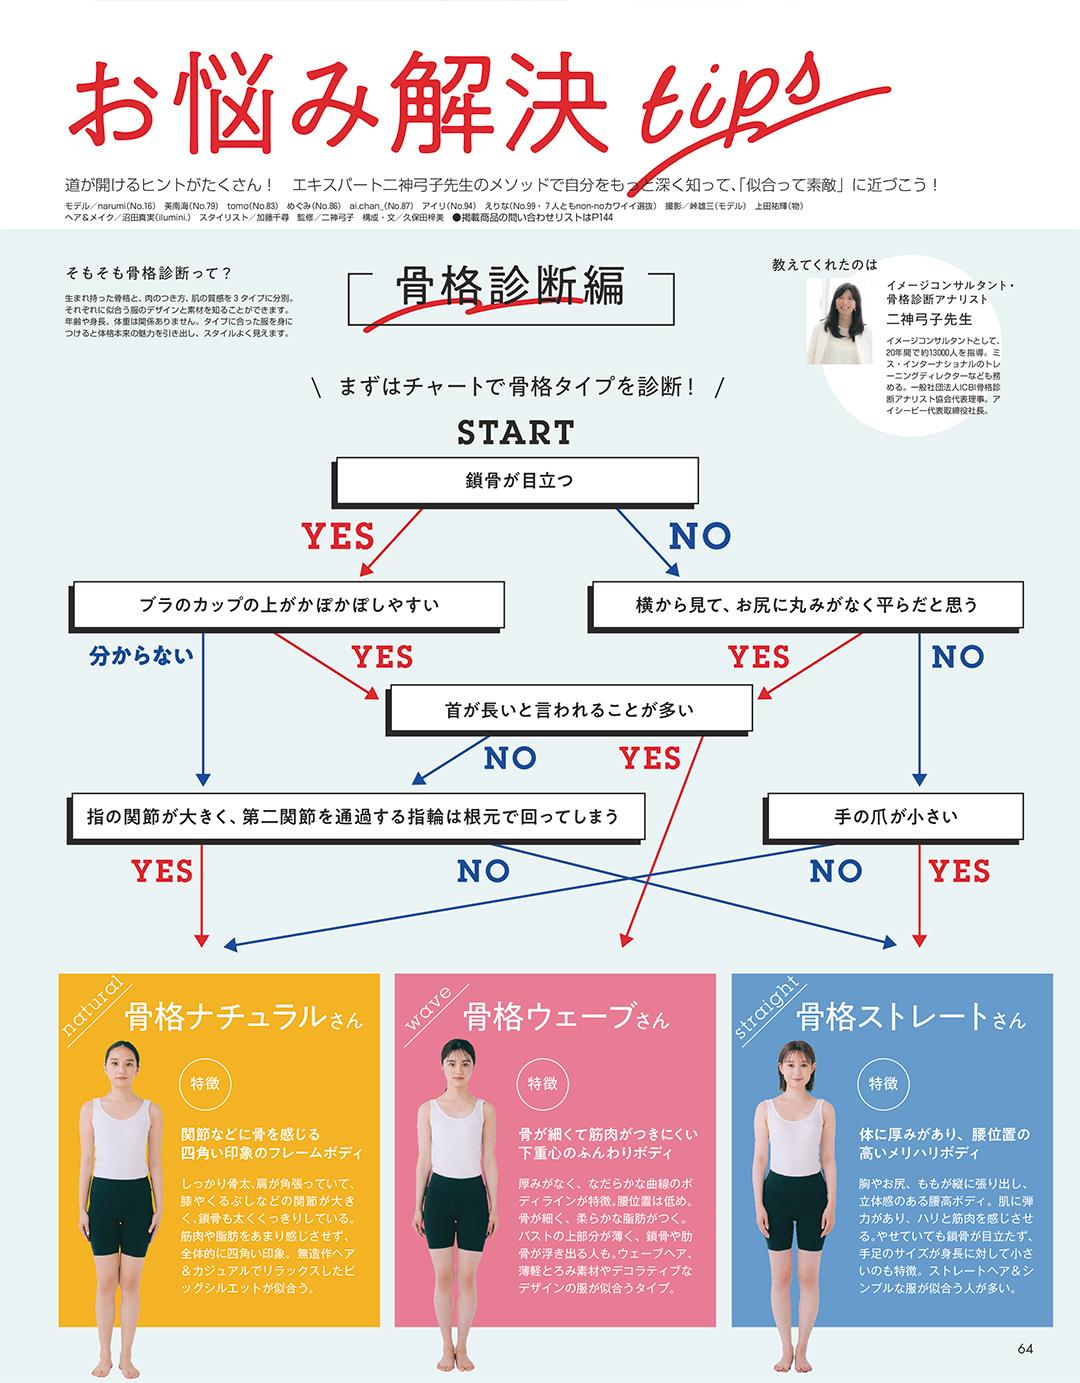 骨格&PC別お悩み解決tips